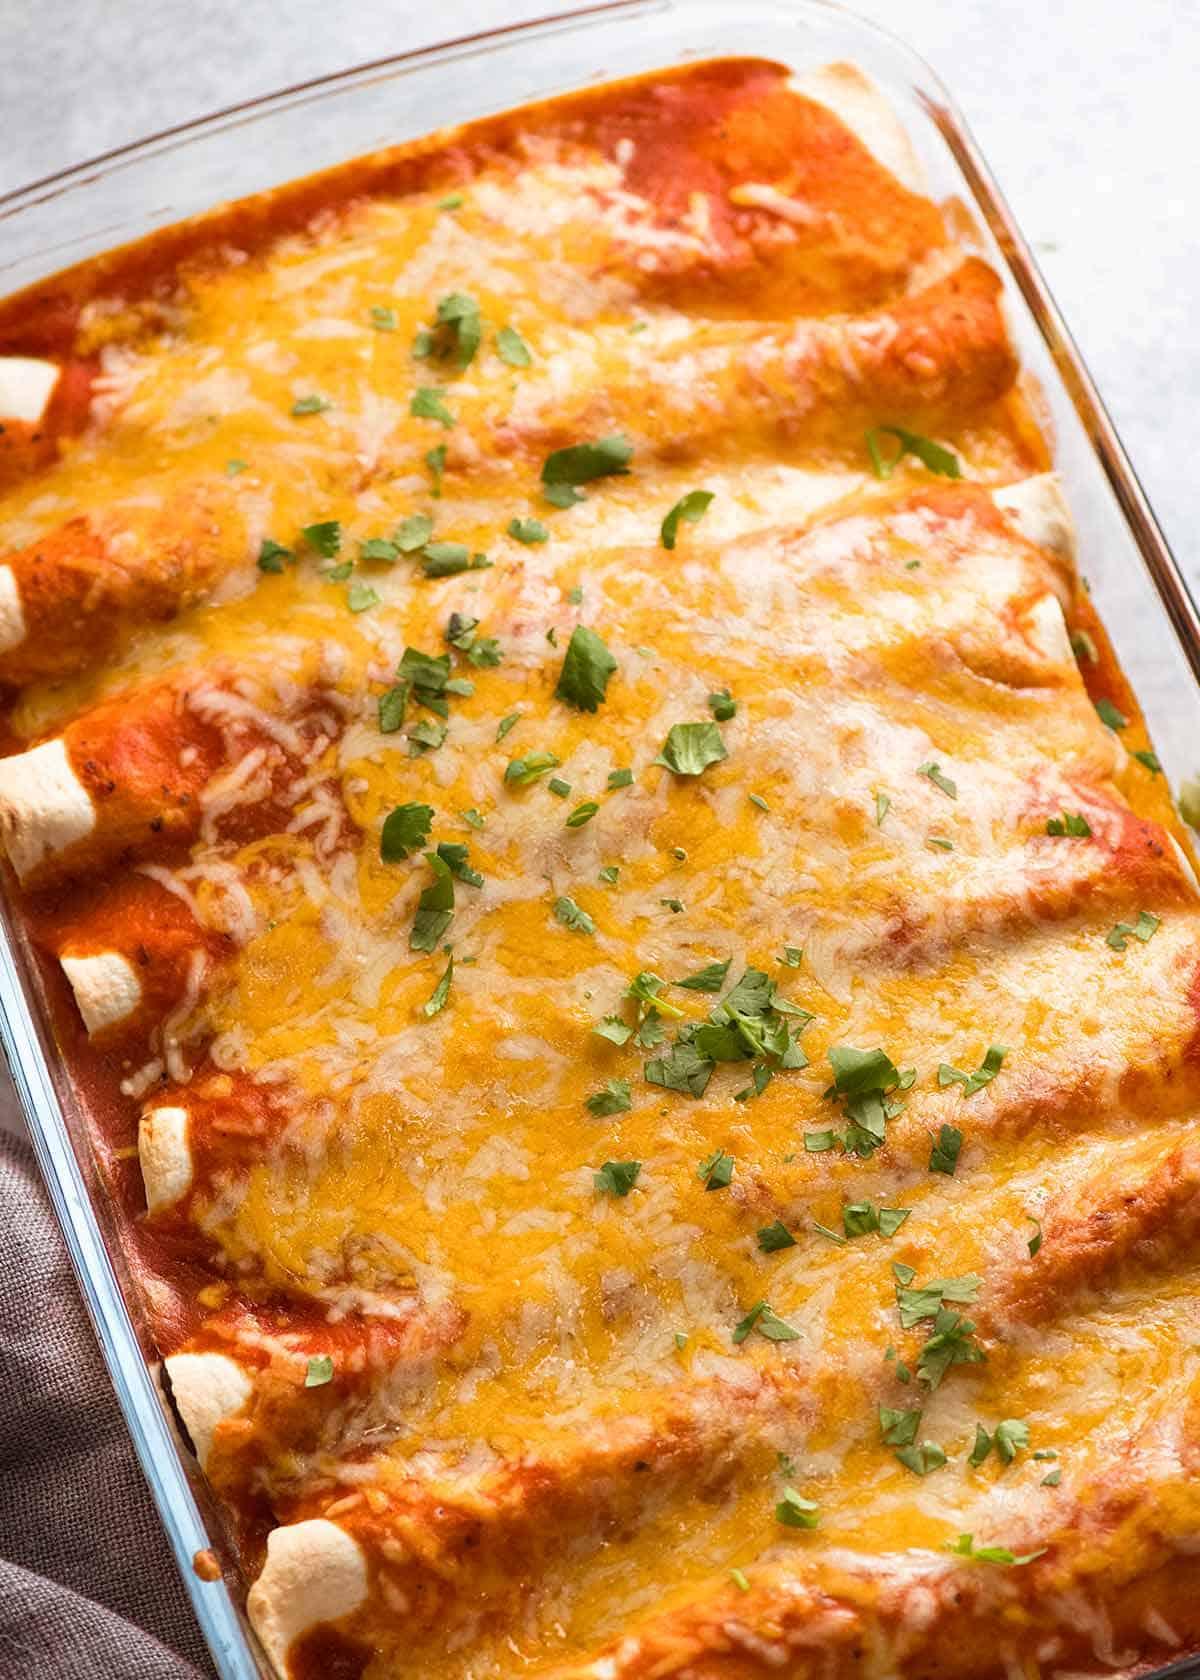 Pan of Chicken Enchiladas